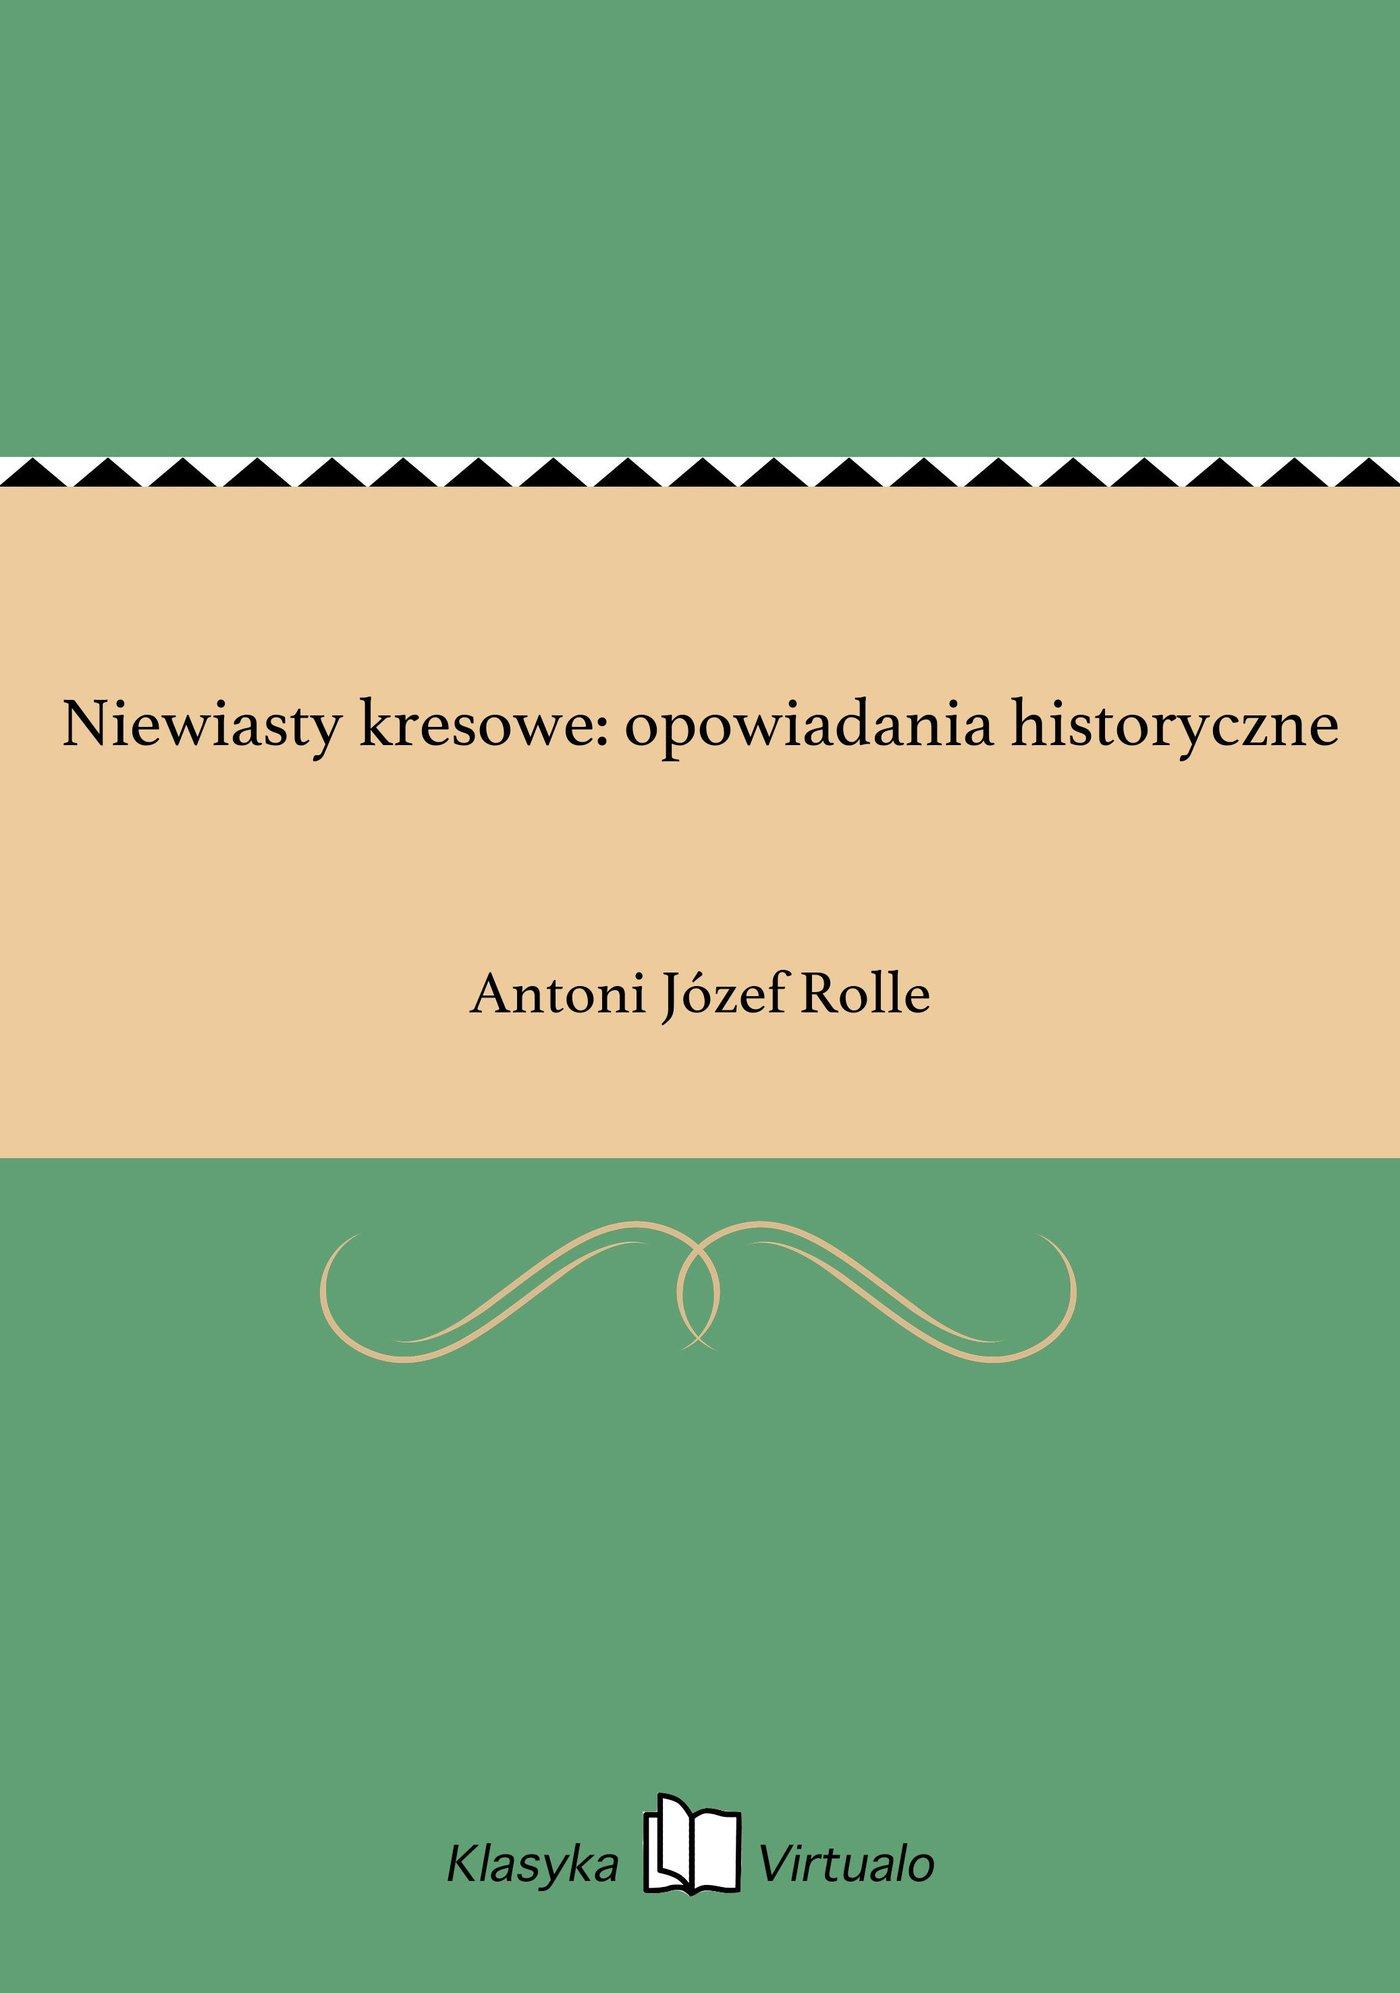 Niewiasty kresowe: opowiadania historyczne - Ebook (Książka na Kindle) do pobrania w formacie MOBI